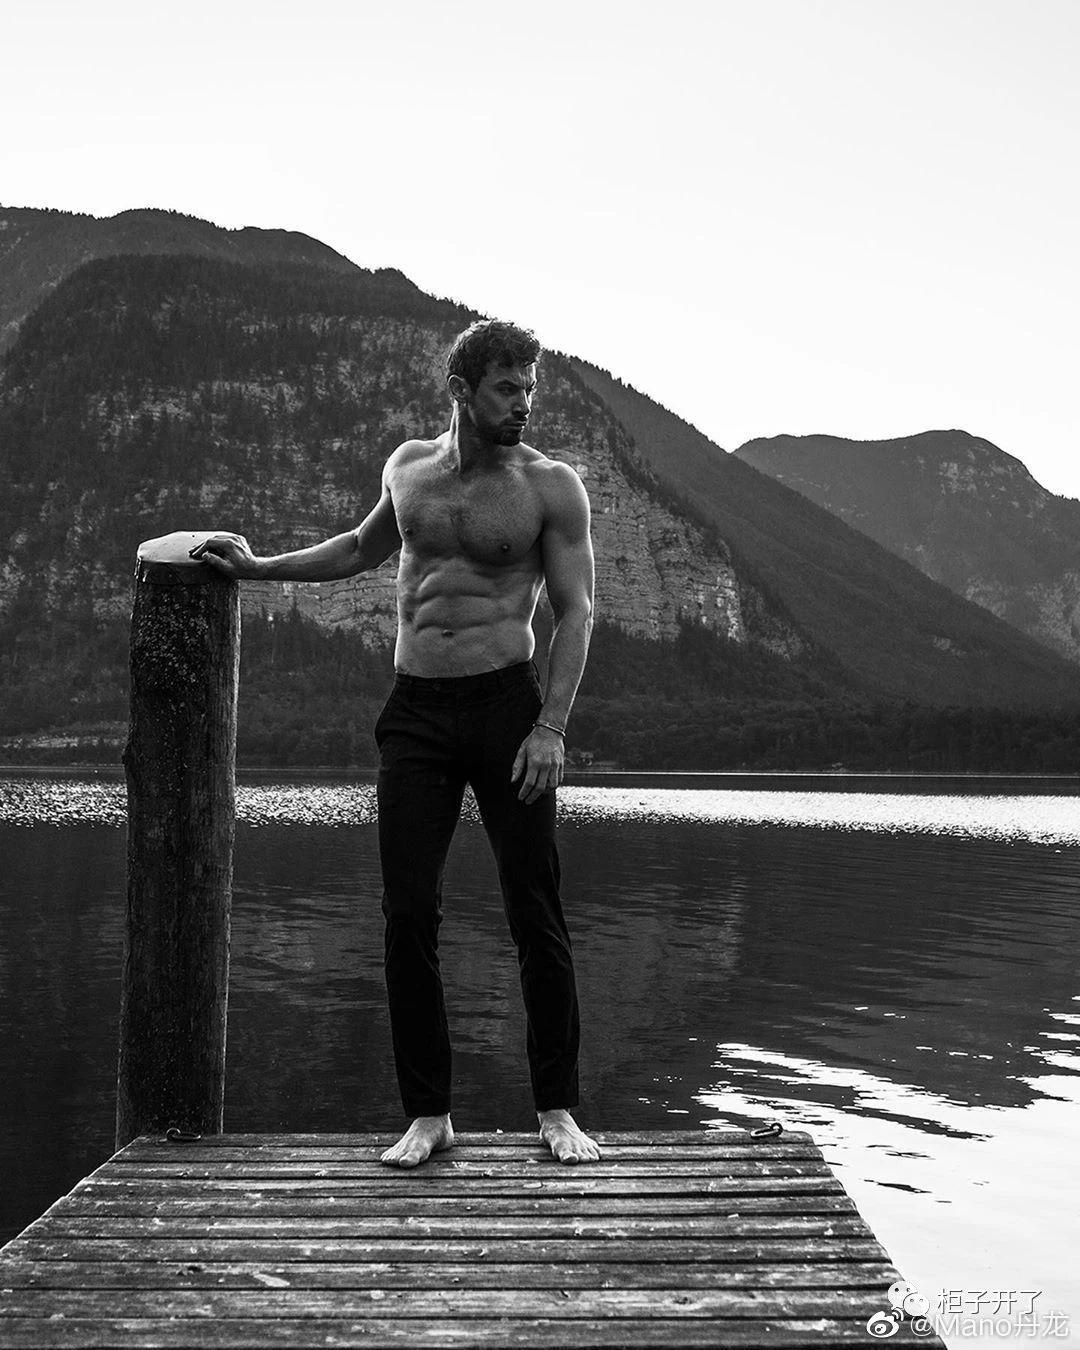 欧美肌肉男模帅哥黑白摄影写真照片插图(6)